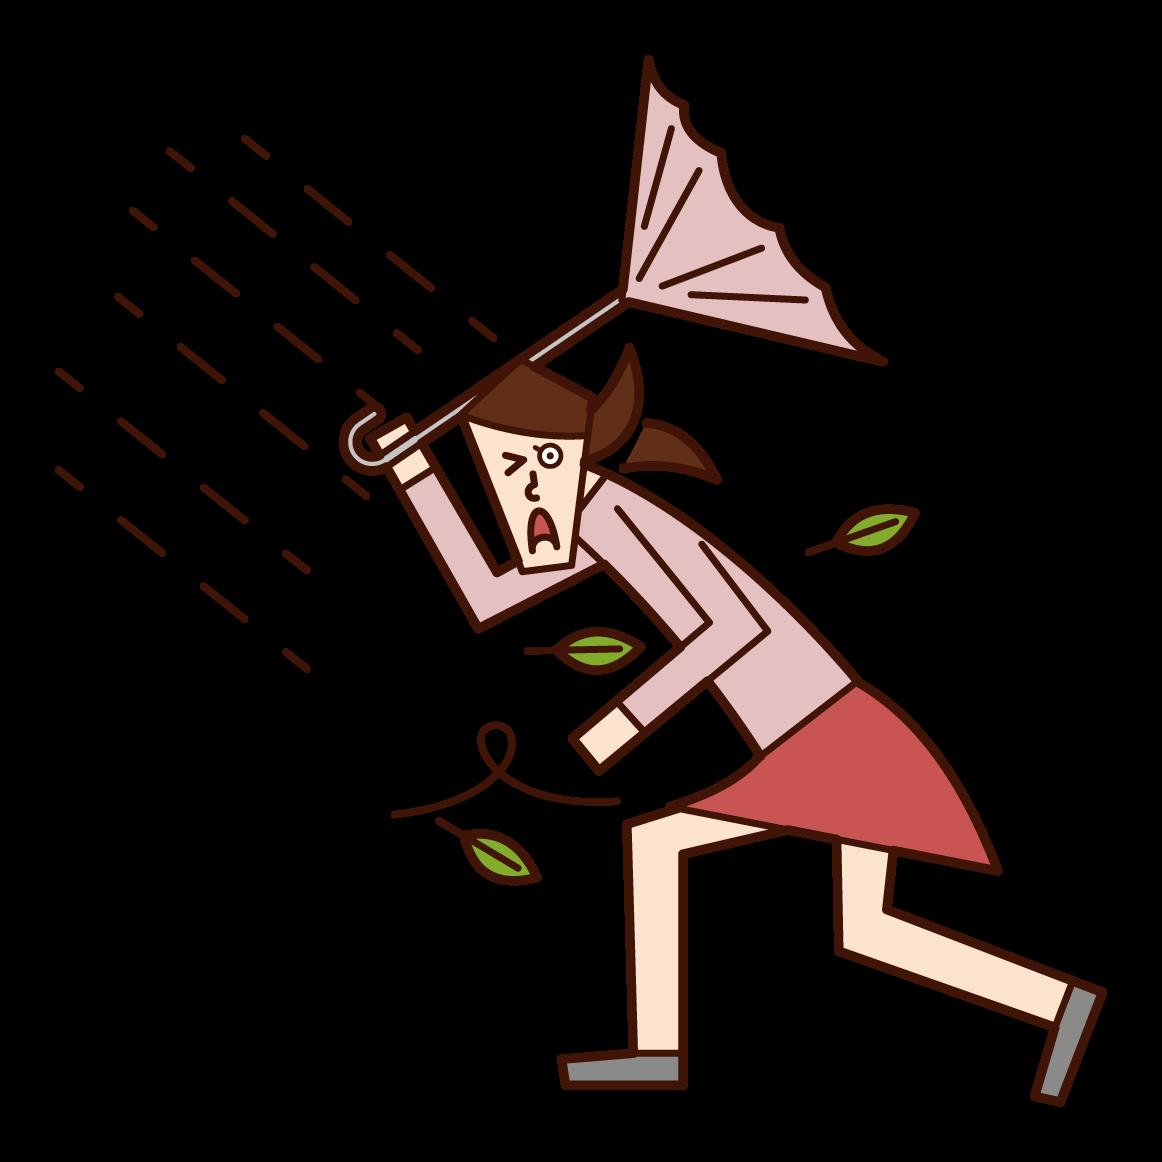 強風の中歩く人(女性)のイラスト